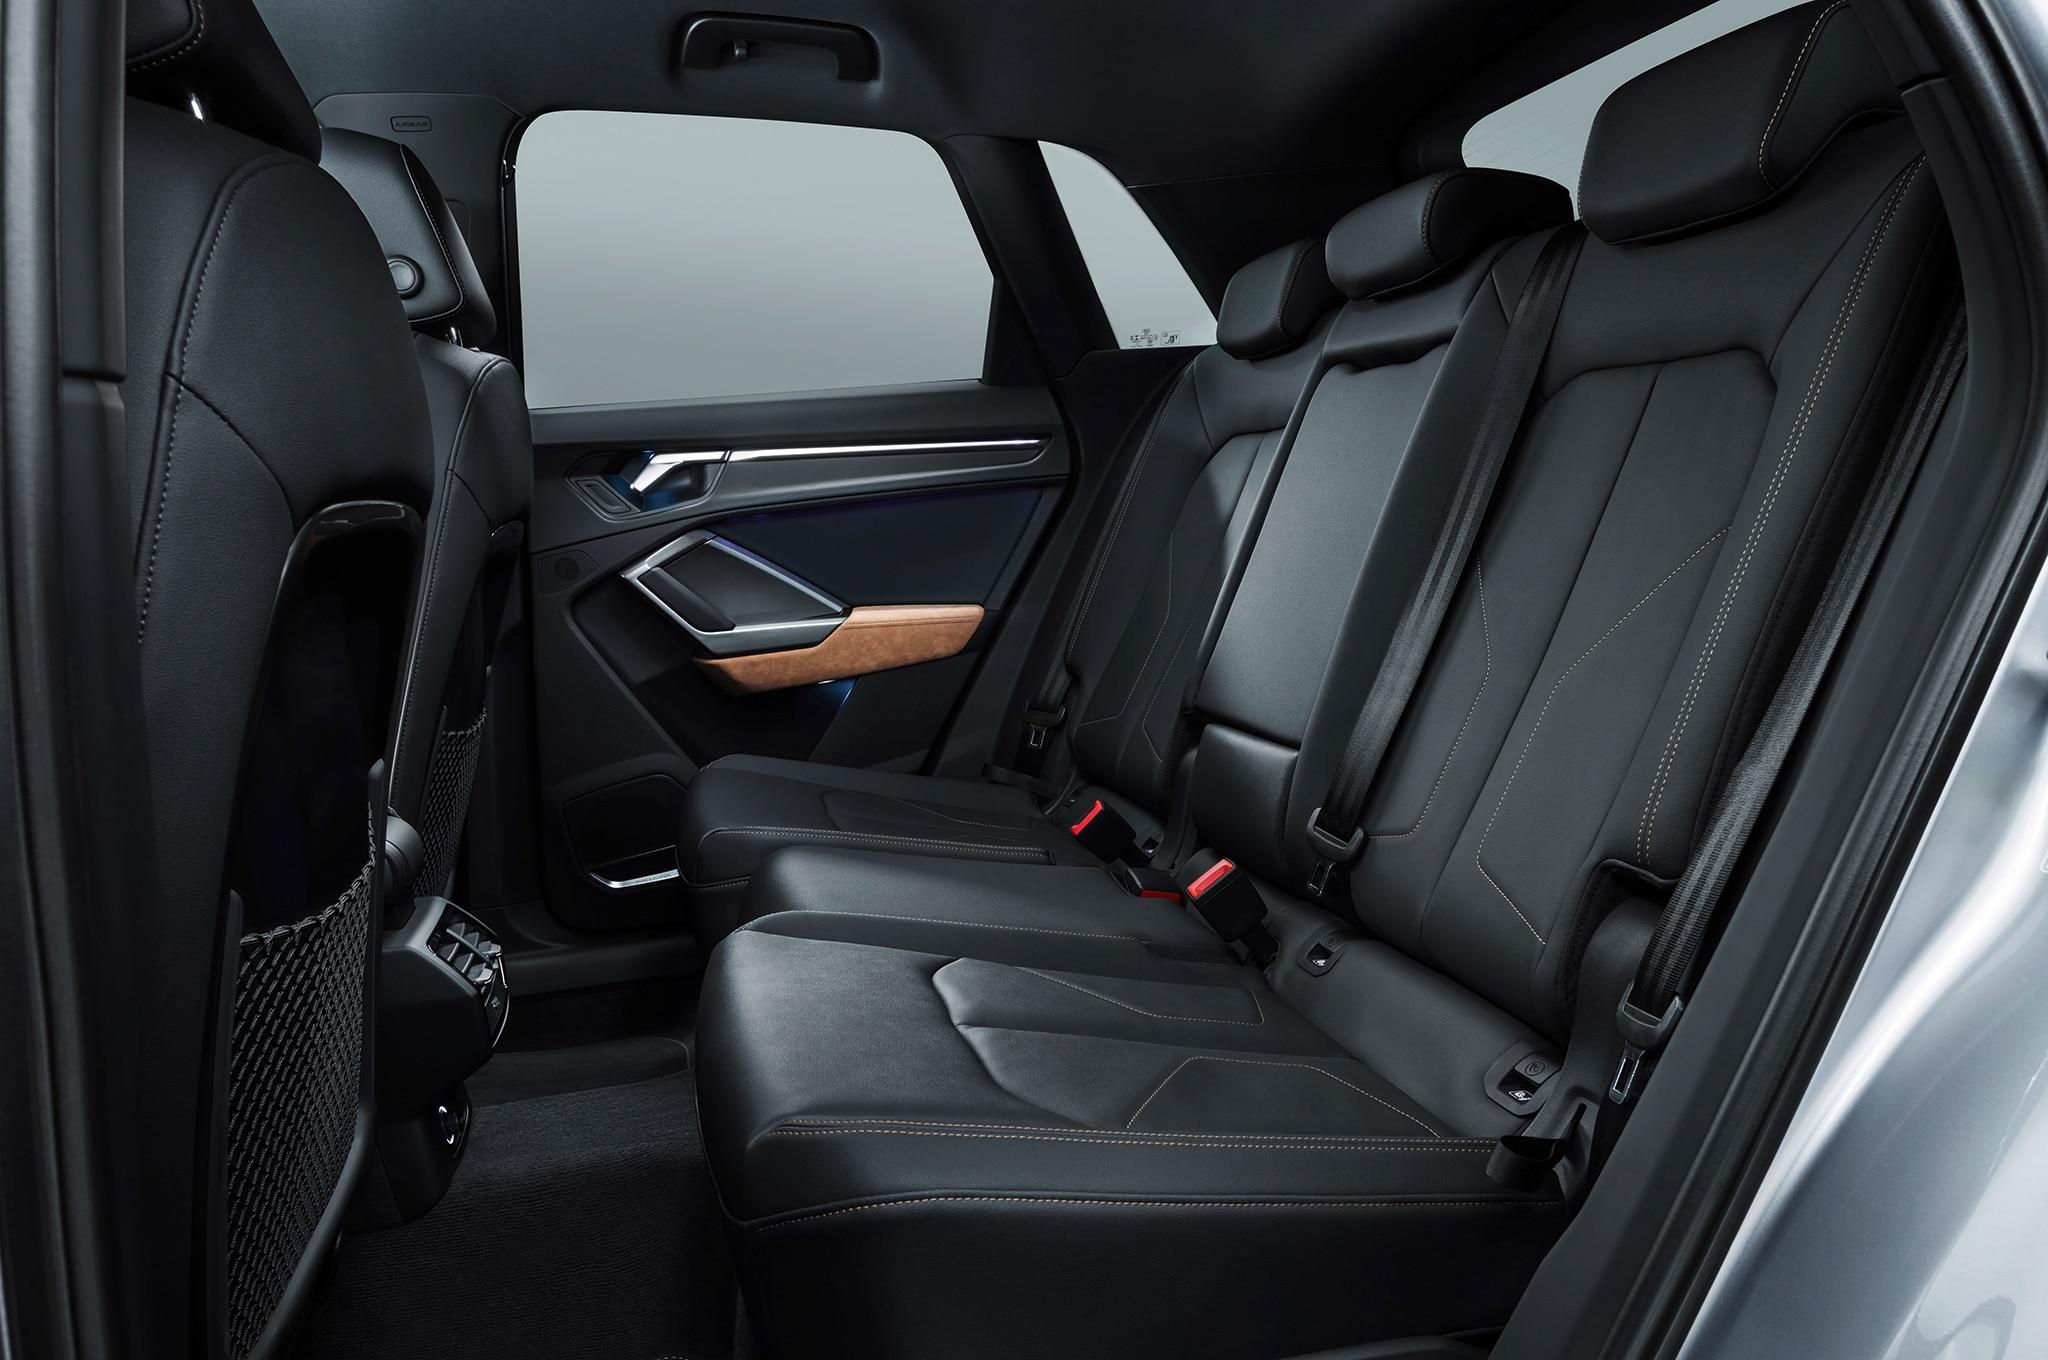 2019 Audi Q3 Rear Interior Seats